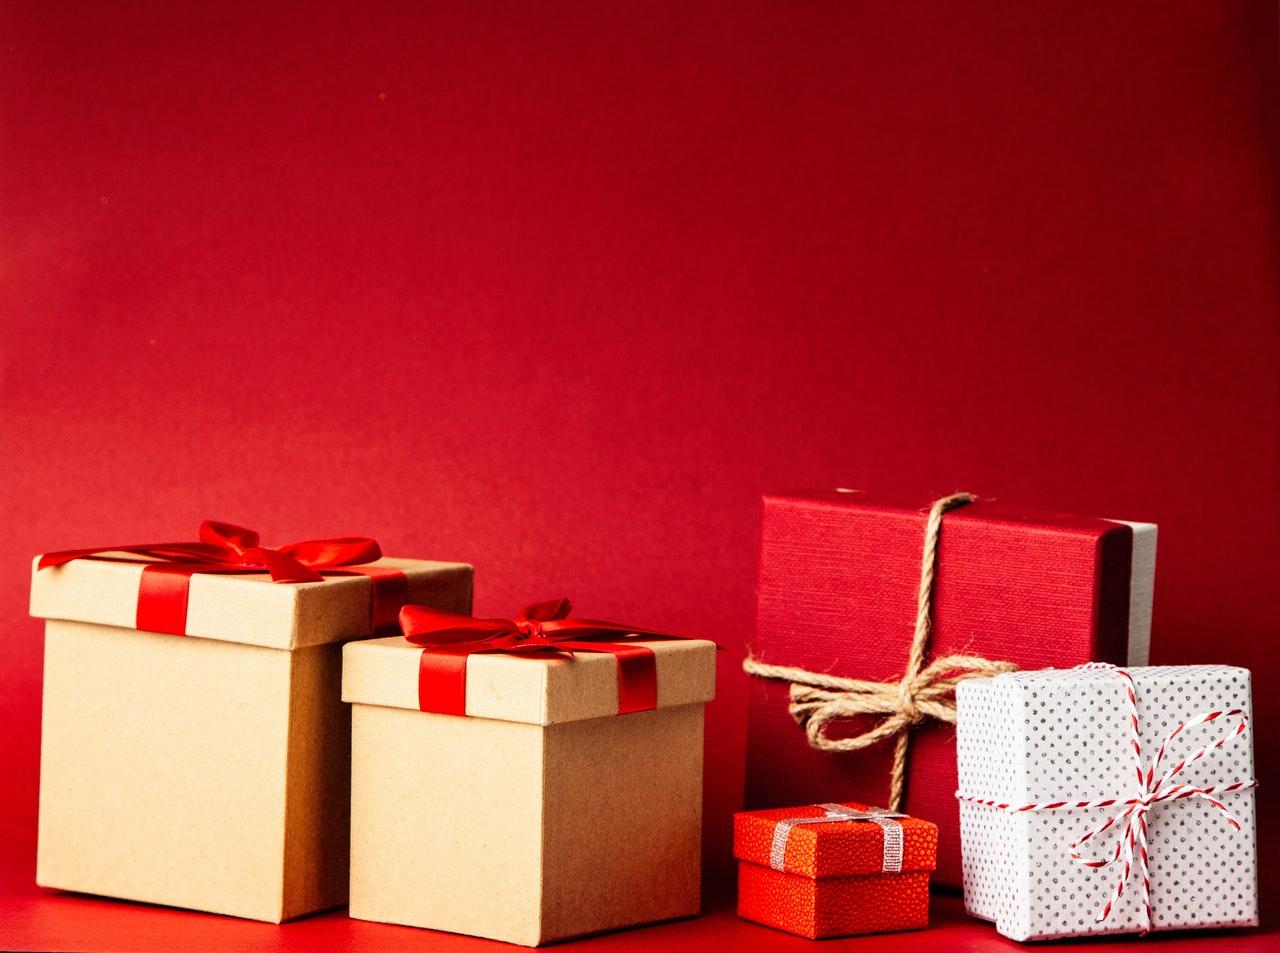 Ani groš si si na darčeky neodložil? Ej, ty! Tu máš tipy na lacné darčeky